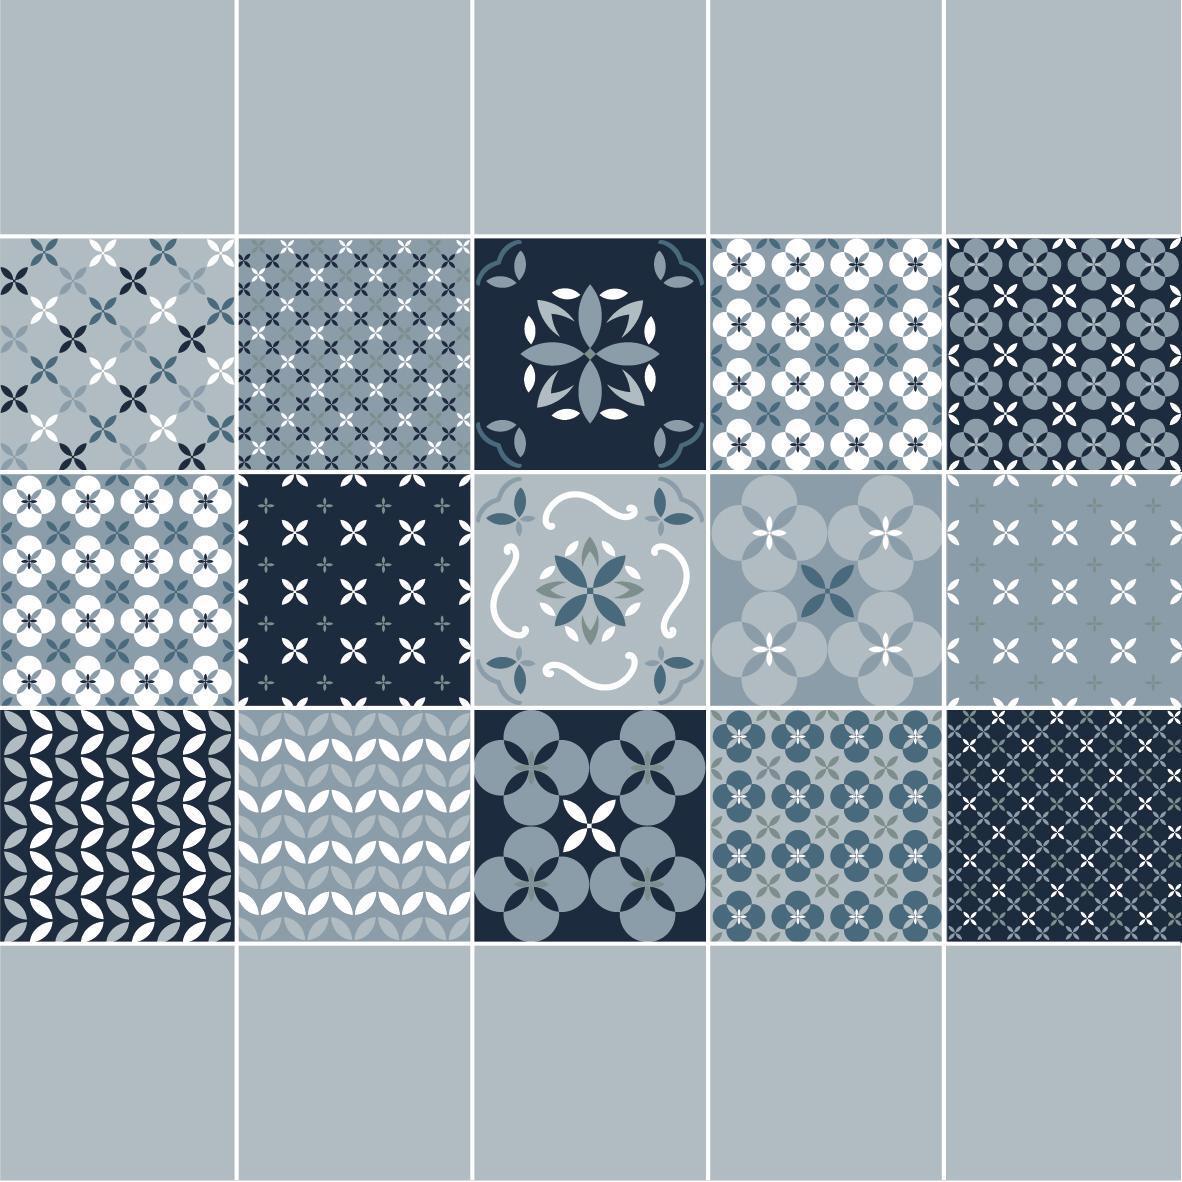 Piastrella Locarno 20 x 20 cm sp. 10 mm PEI 3/5 blu - 17